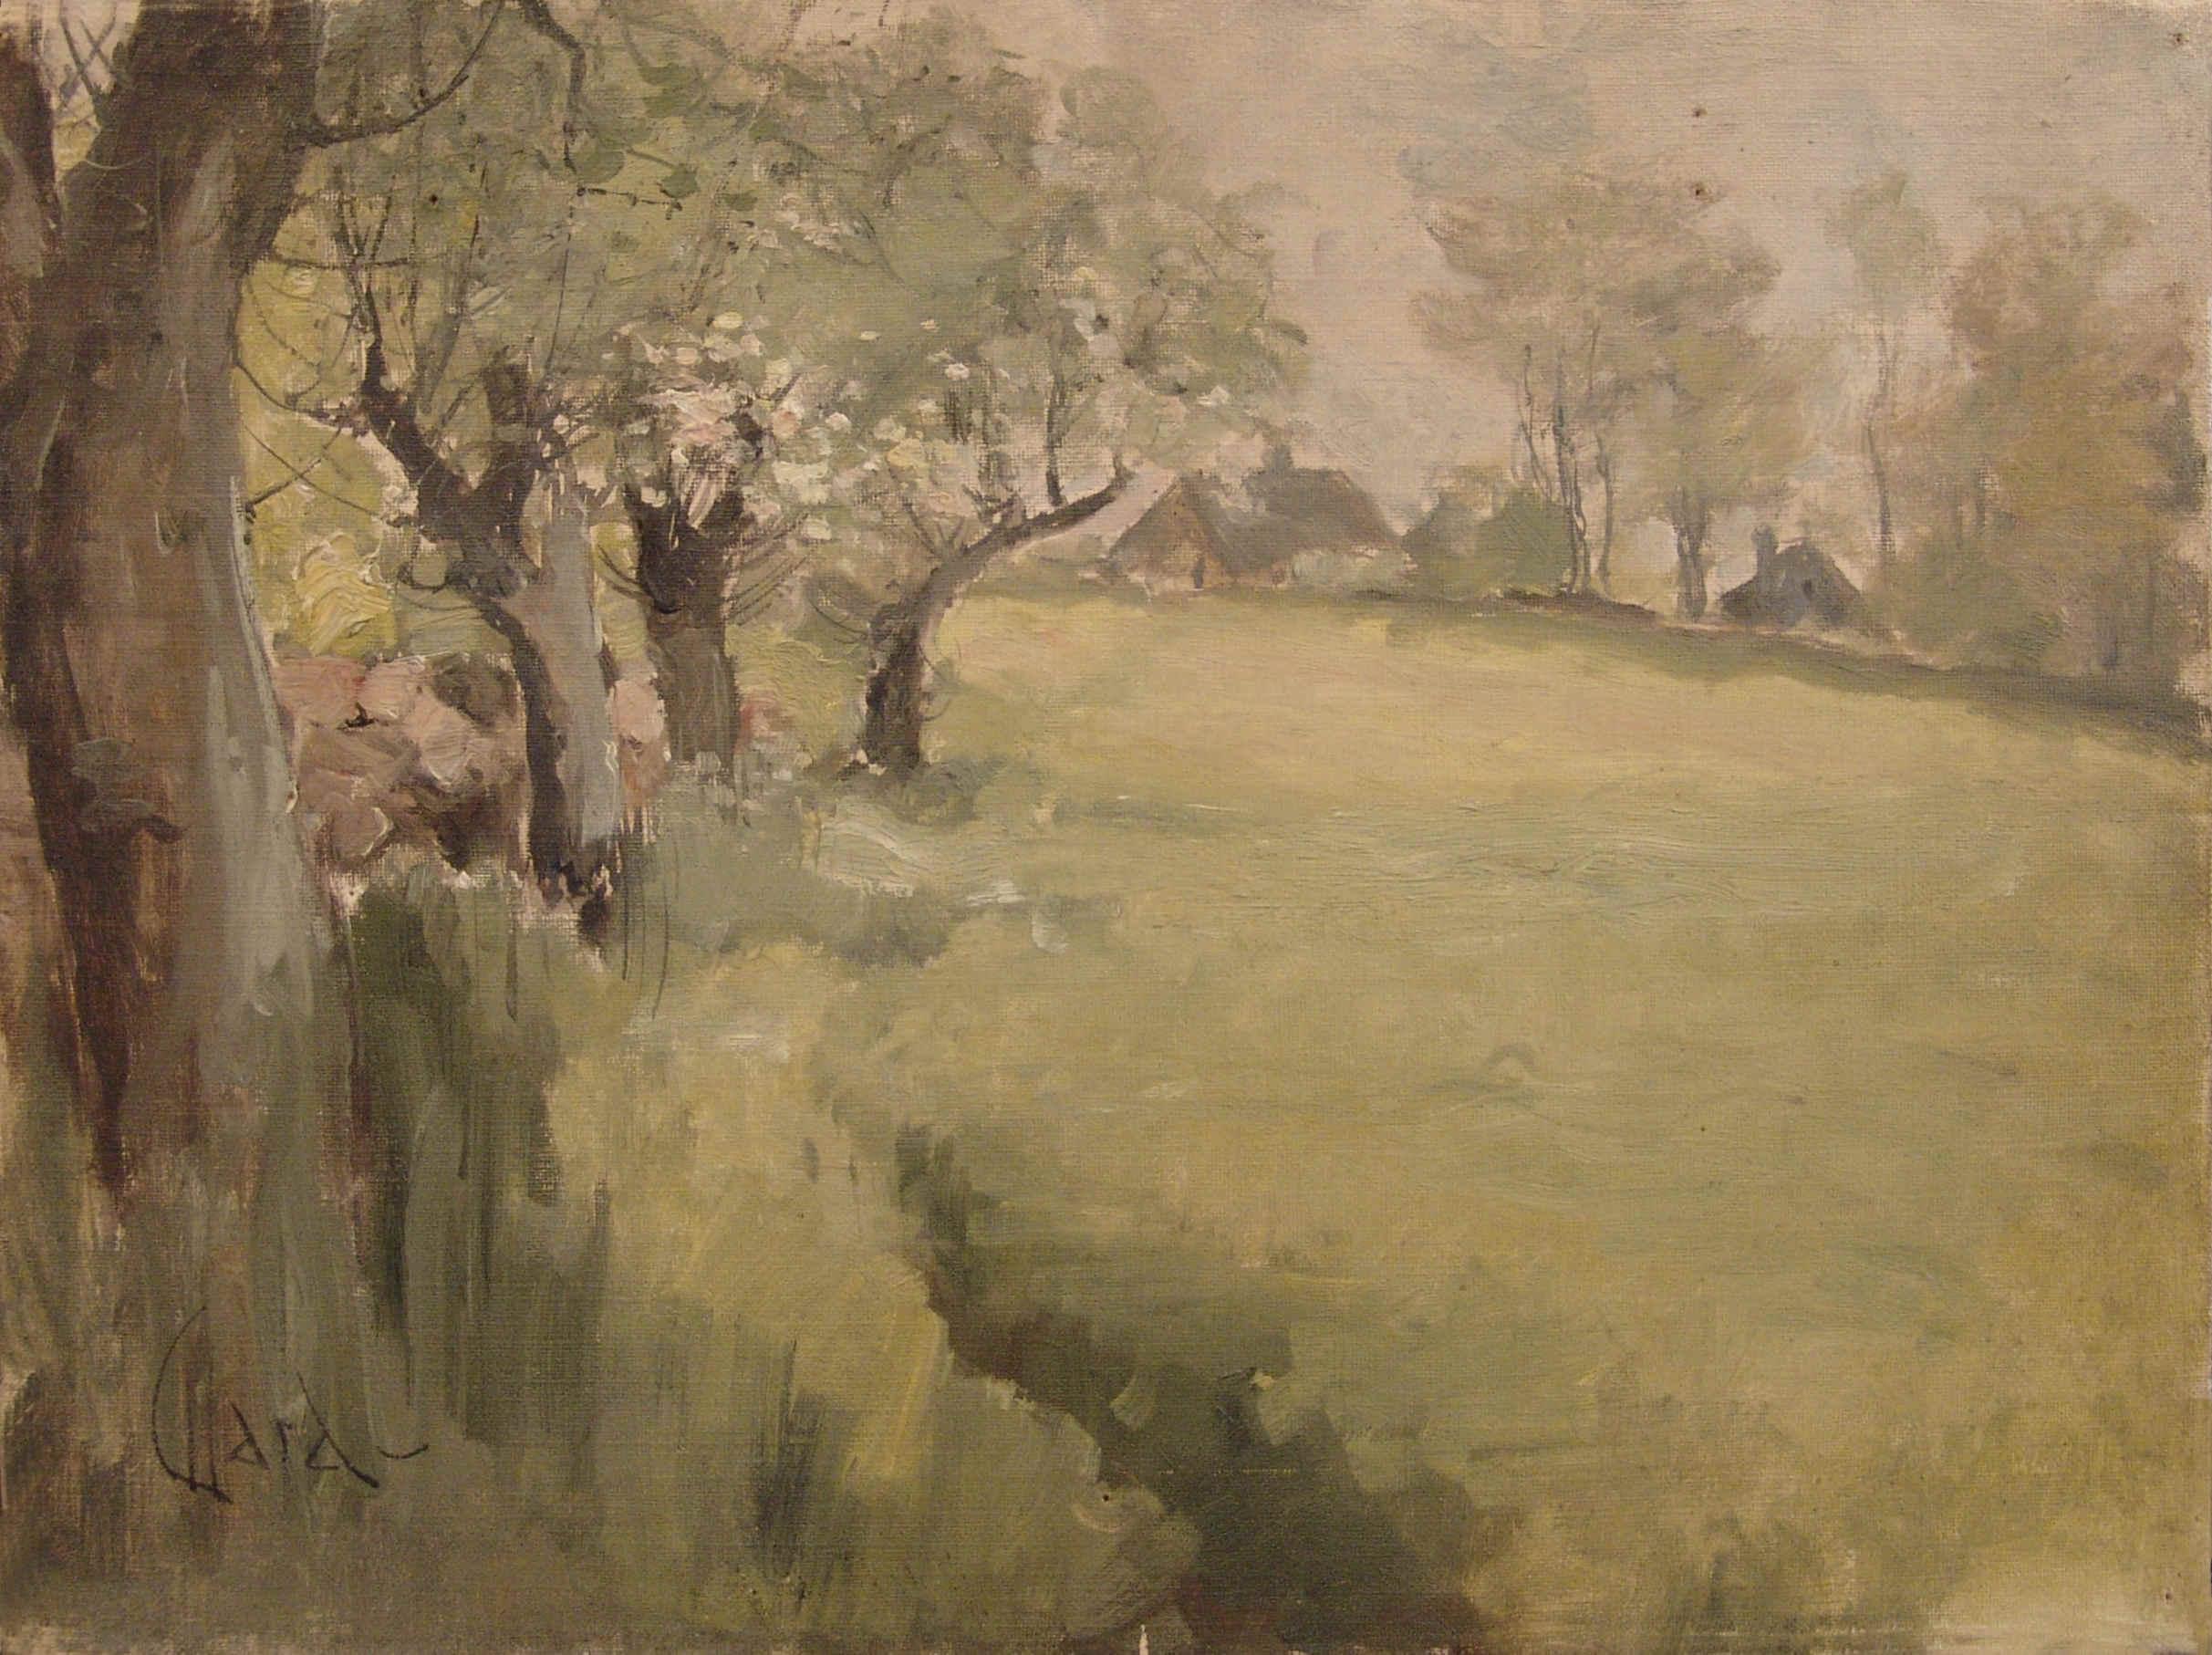 William ward artist